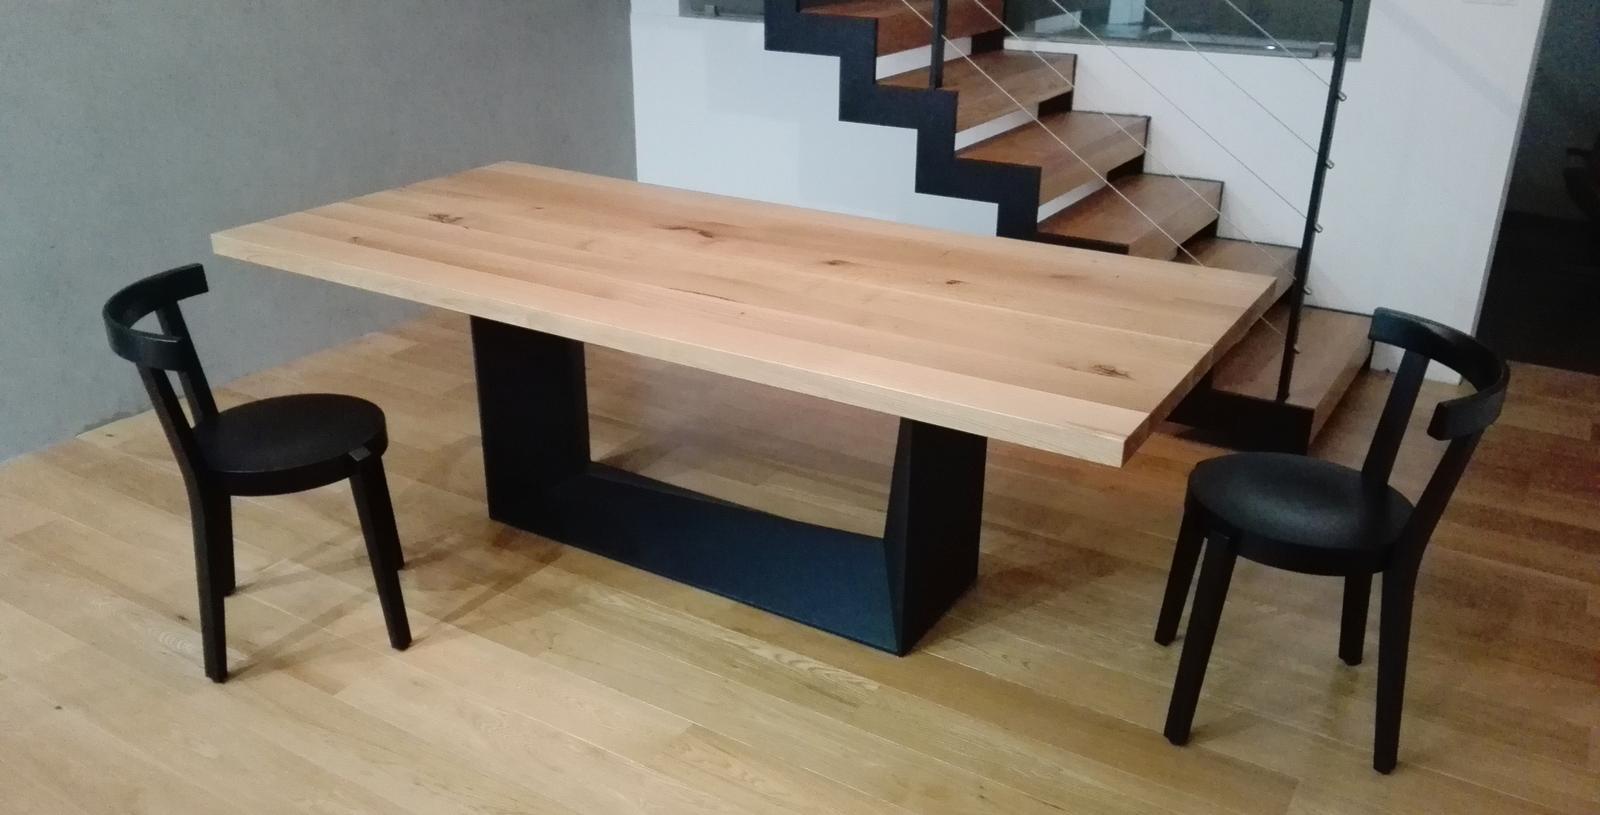 Jedálenský stôl MATE - Masívny dubový jedálenský stôl MATE. Design&Výroba Cubica